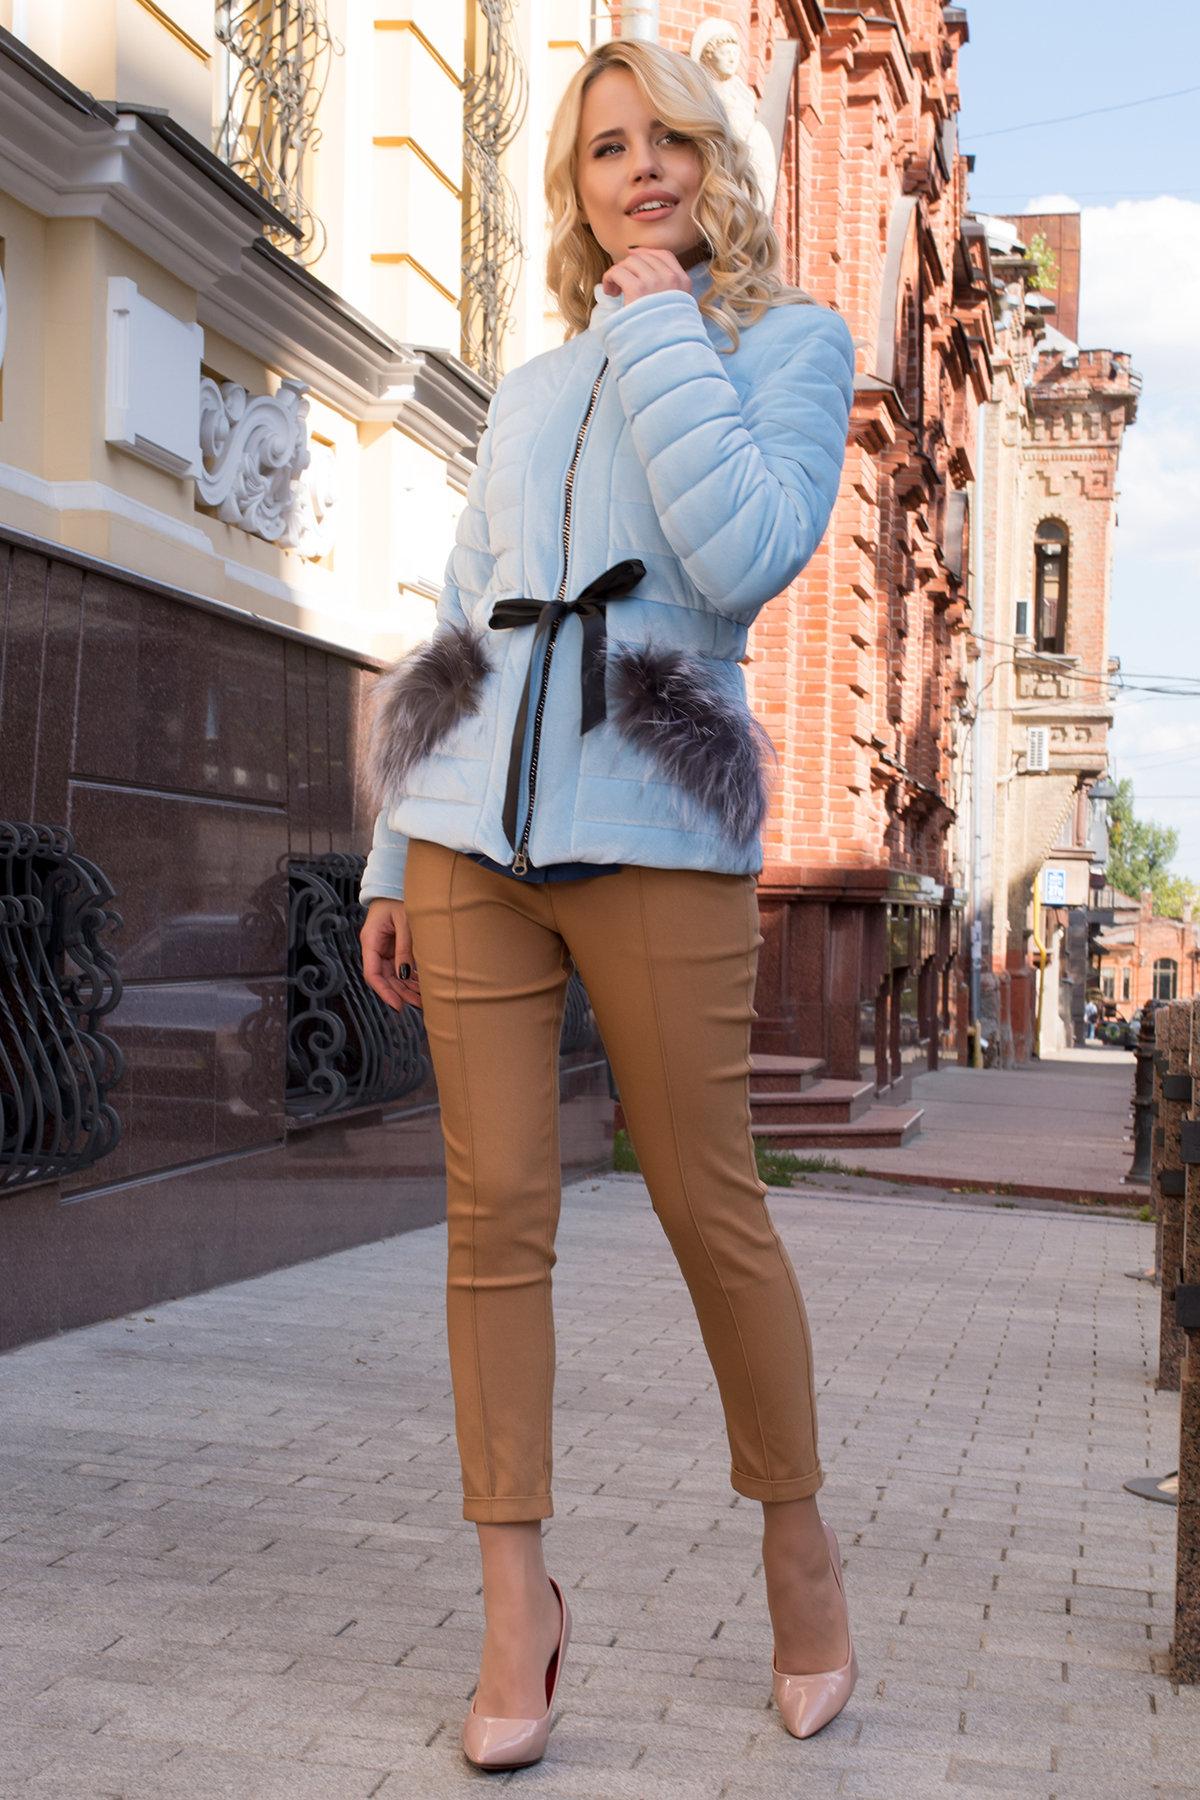 Куртка с мехом на карманах Дезире 4452 АРТ. 21968 Цвет: Голубой - фото 3, интернет магазин tm-modus.ru